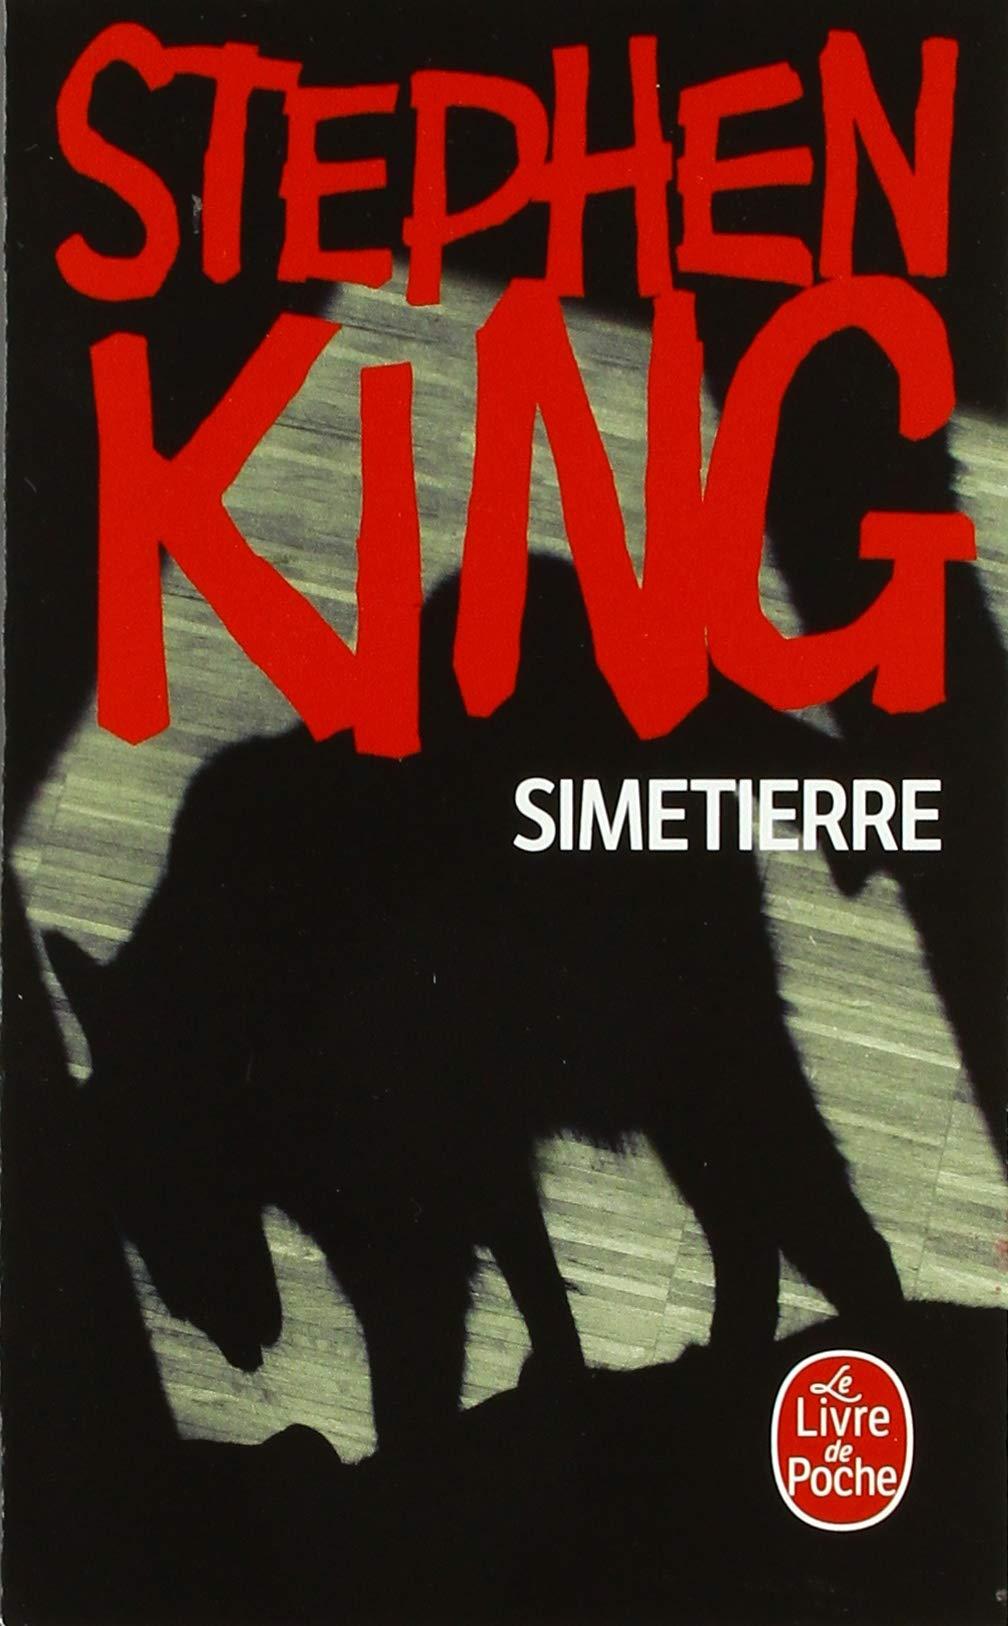 Simetierre Poche – 3 septembre 2003 Stephen King Le Livre de Poche 2253151432 Belletristik